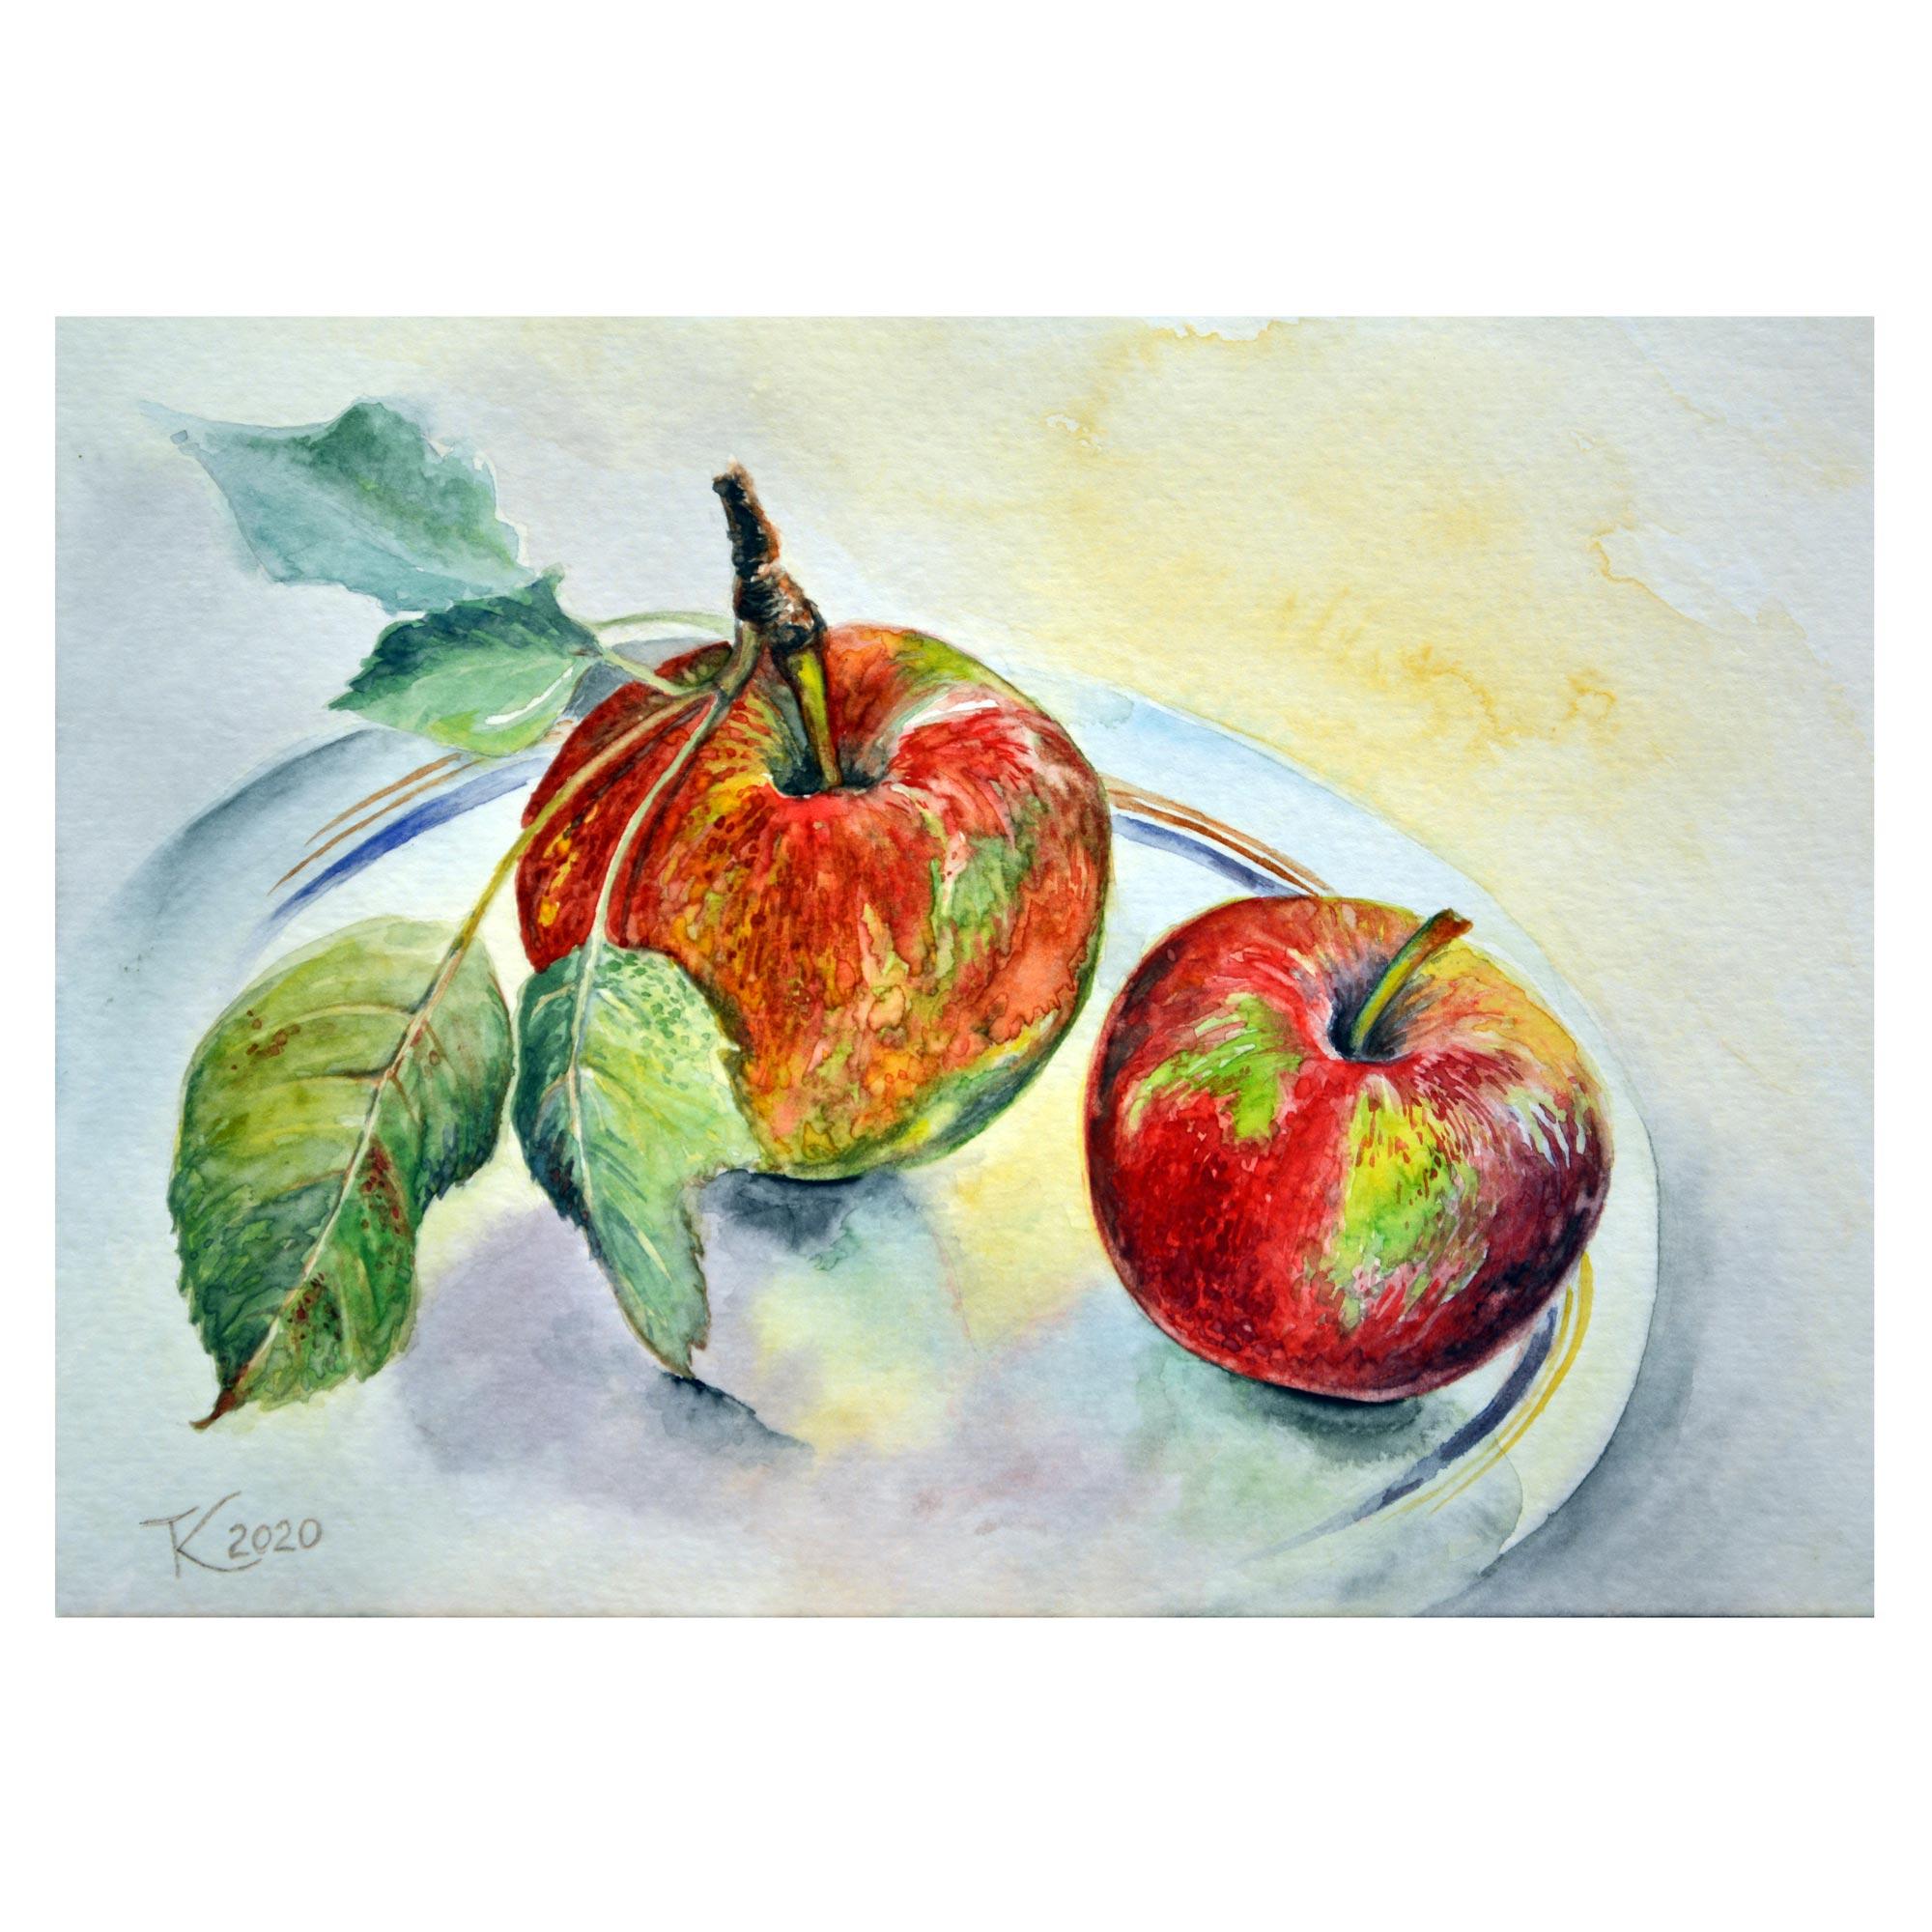 Літні яблука. 2020. Тетяна Кучмій